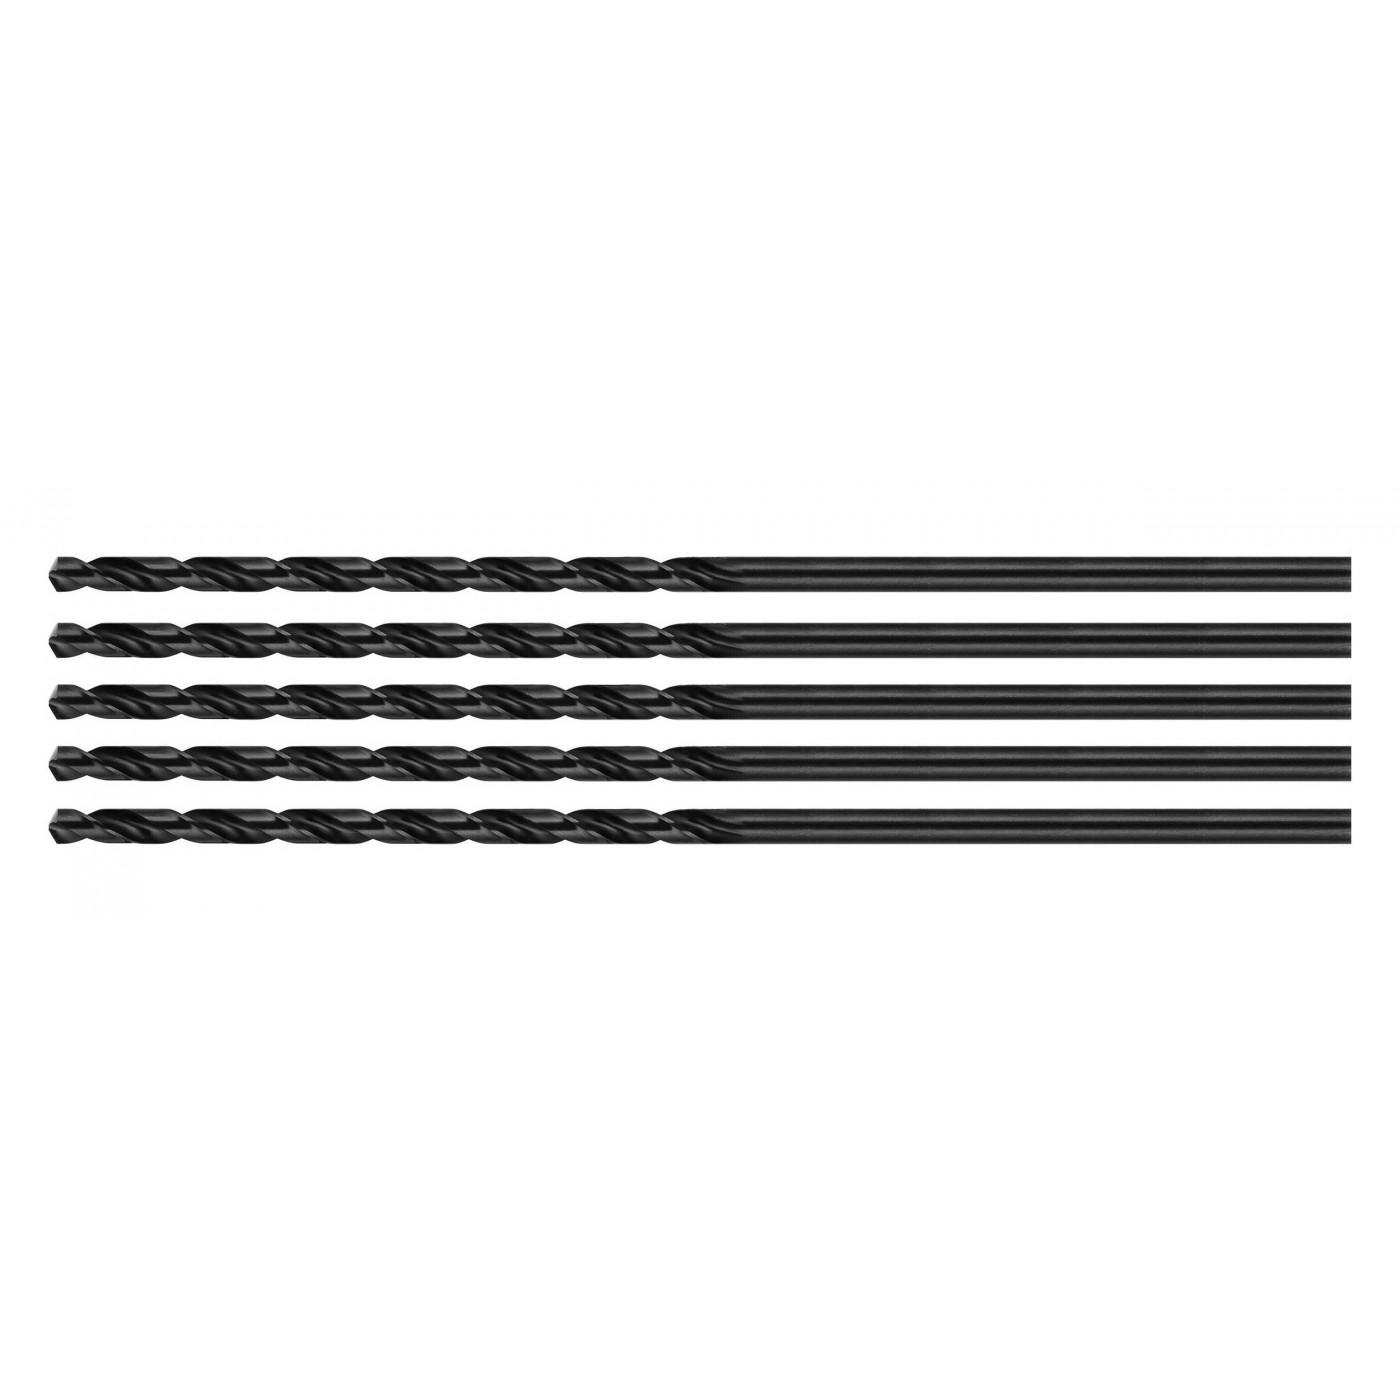 Set von 5 Metallbohrern (HSS, 4,2x150 mm)